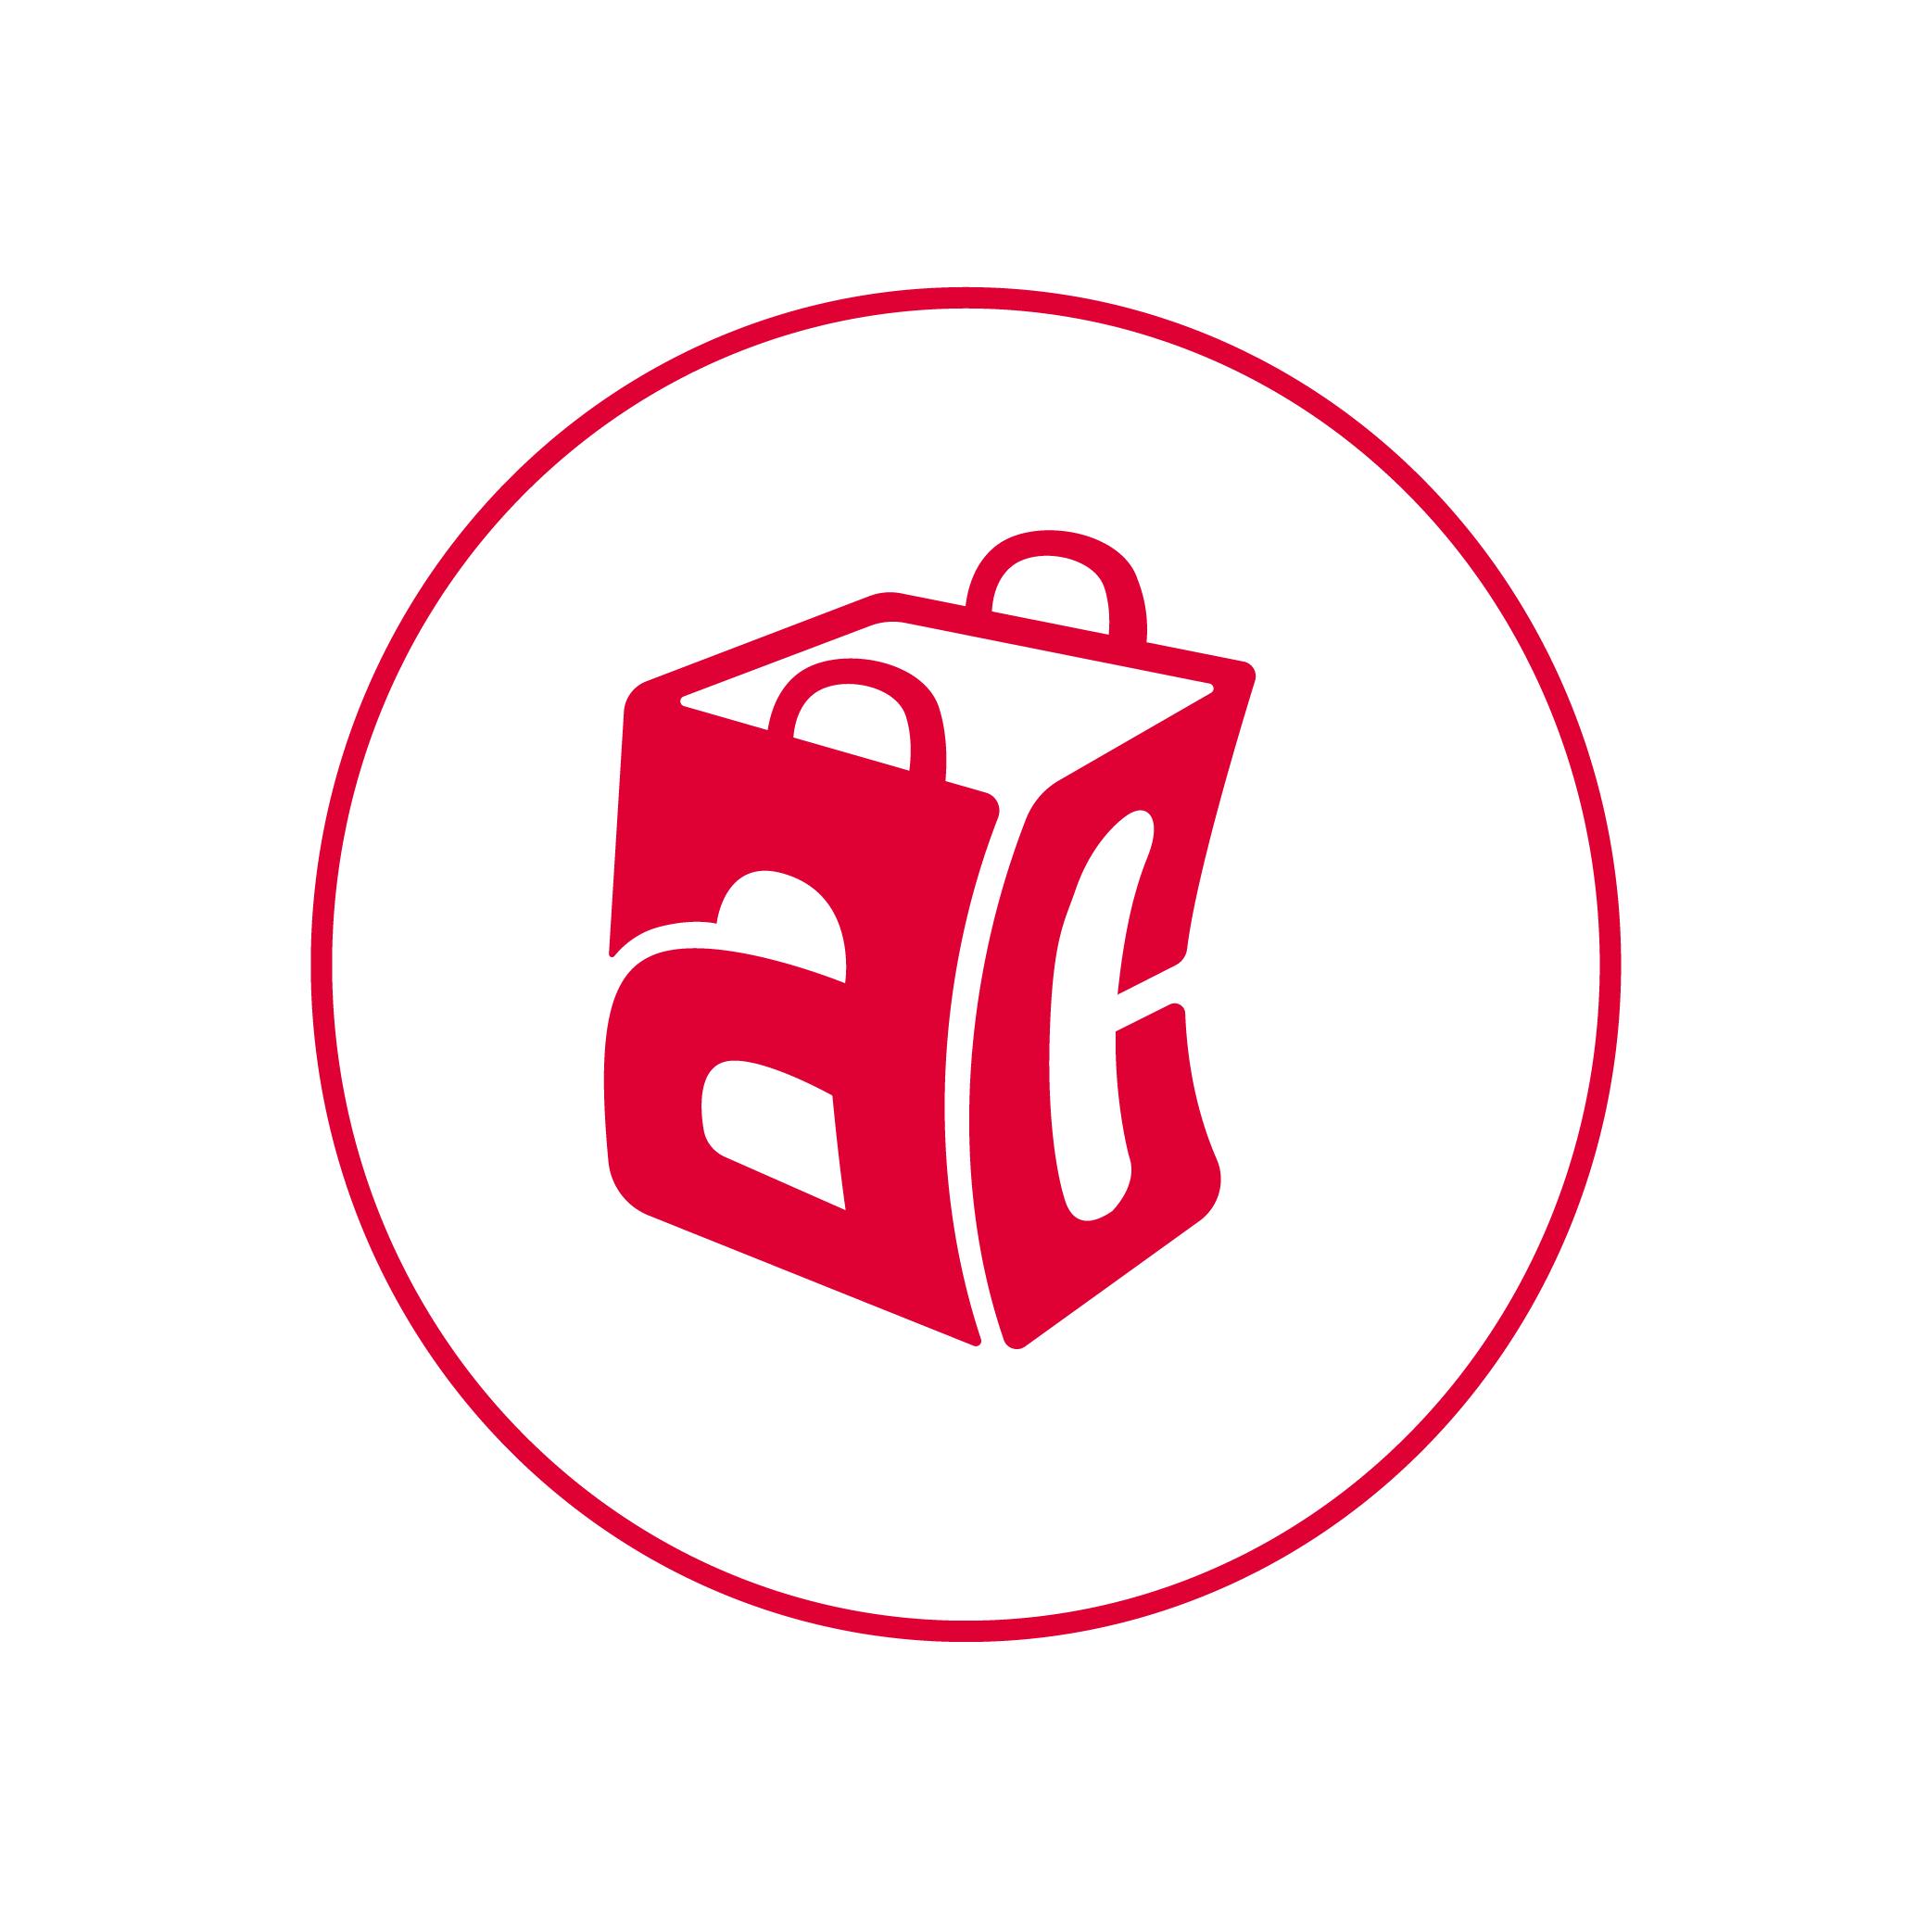 Arca center - Promoção Livro Casamento Blindado 10 Unidades